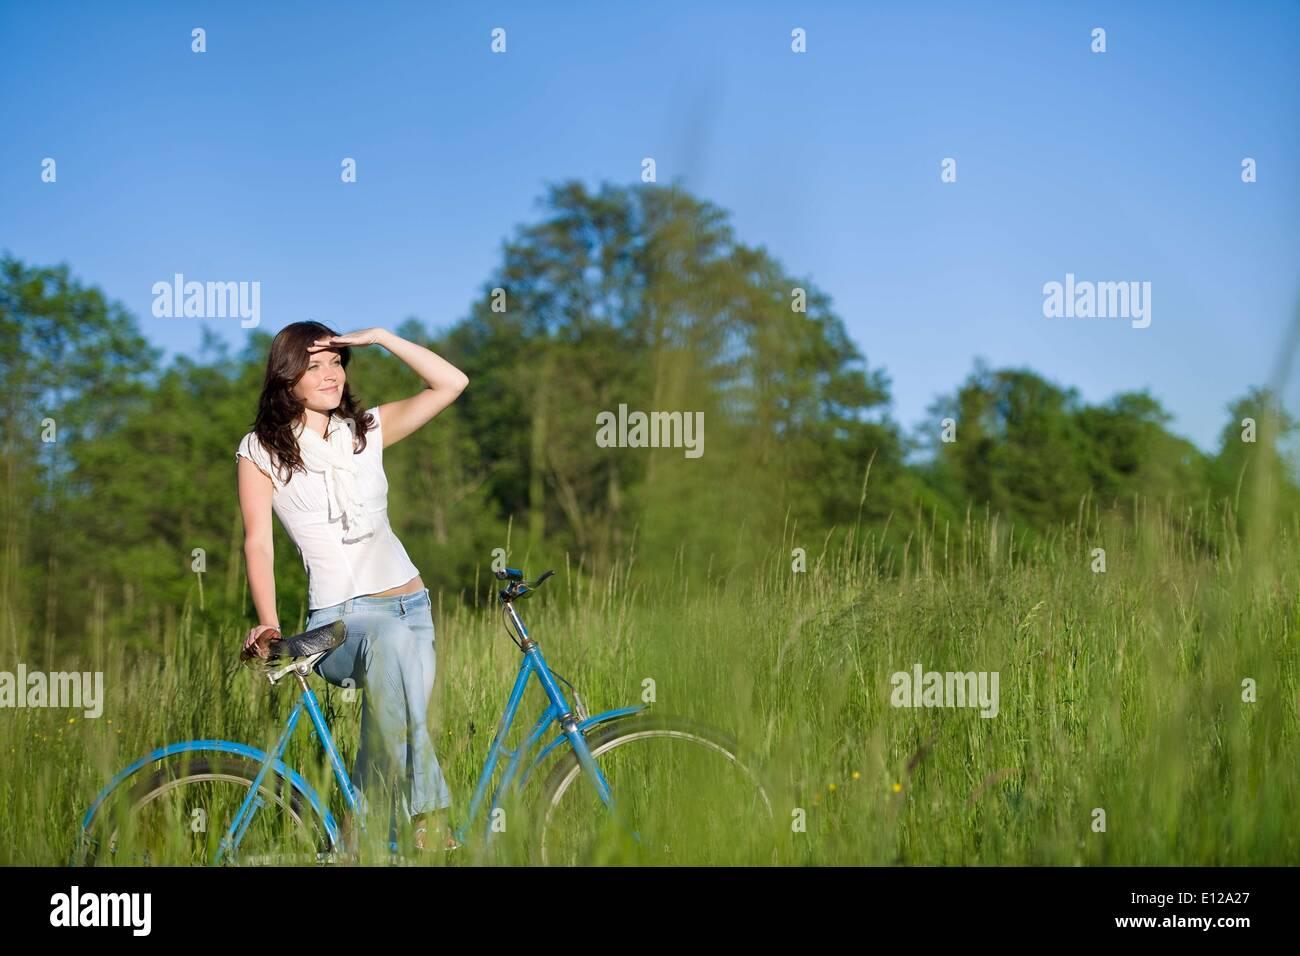 5. Juni 2010 - 5. Juni 2010 - Frau mit altmodischen Fahrrad im Sommerwiese an sonnigen Tag Stockbild